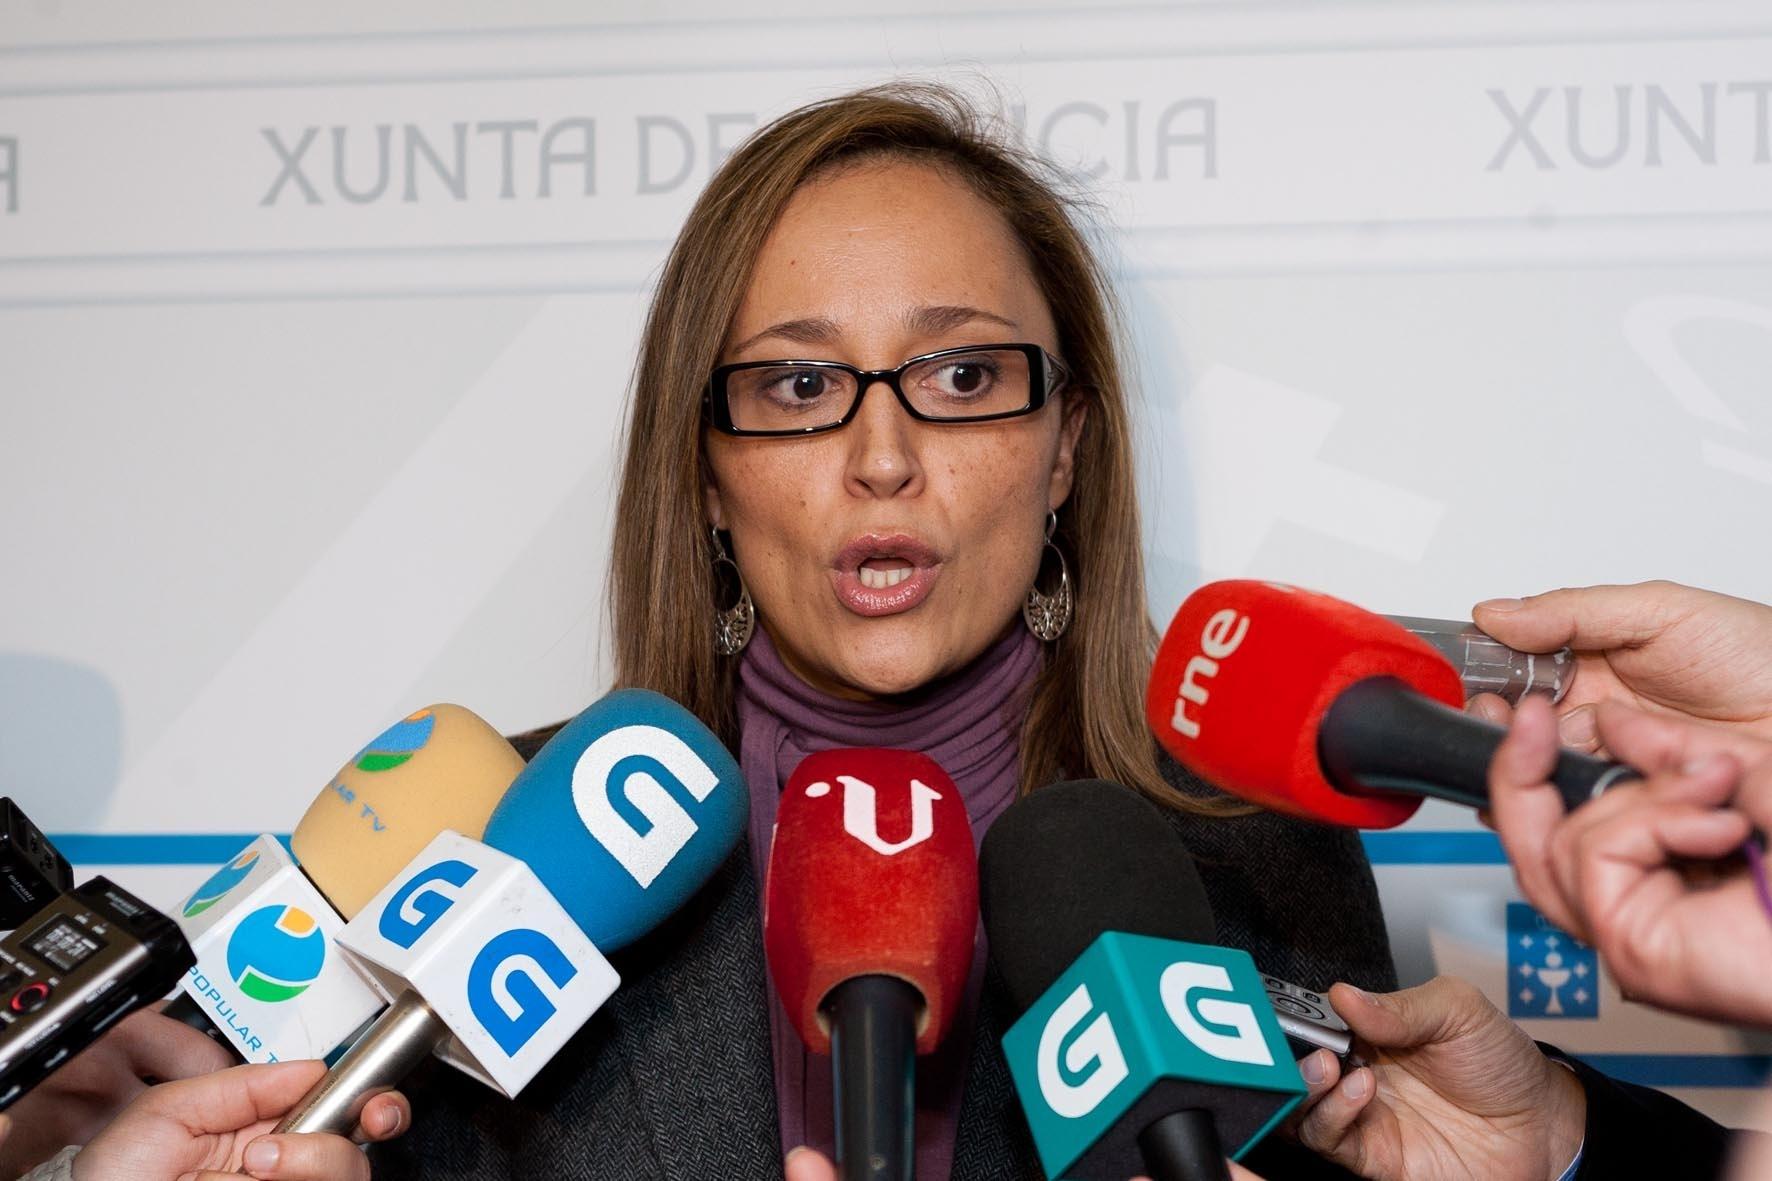 La conselleira de Facenda elude comentar la venta de Novagalicia Banco hasta contar con la comunicación oficial del FROB